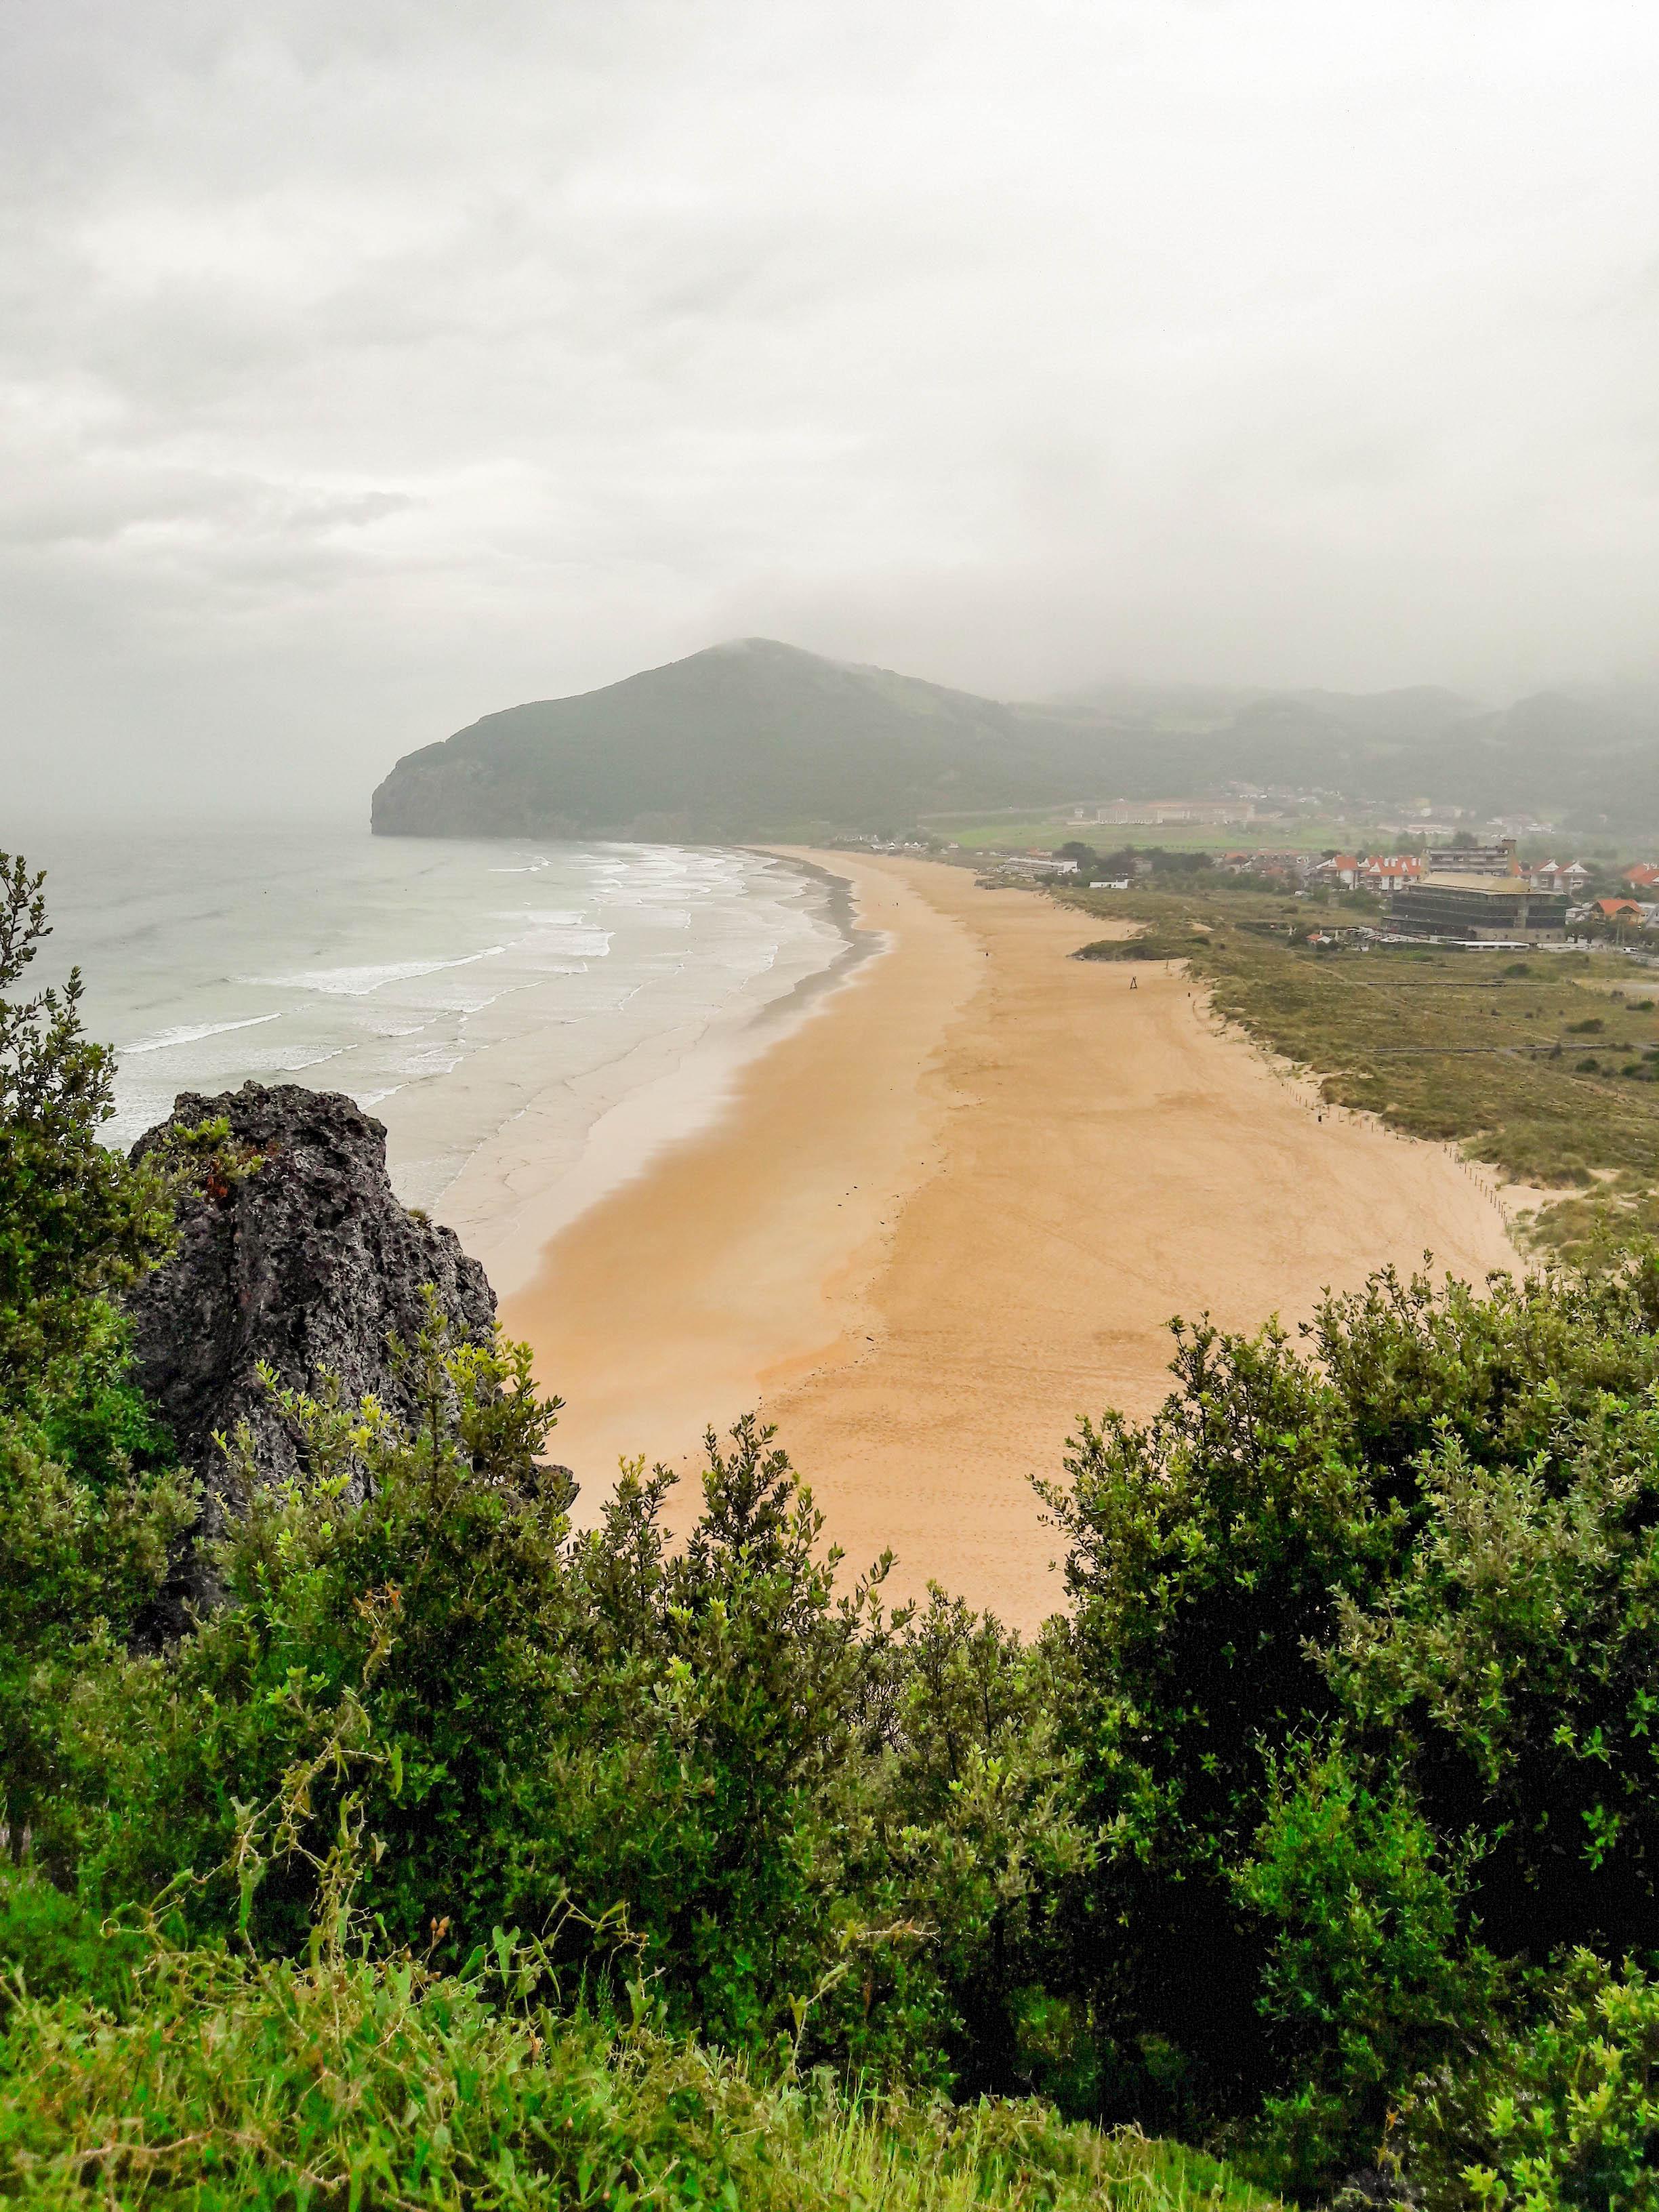 Misty morning over Playa de Berria